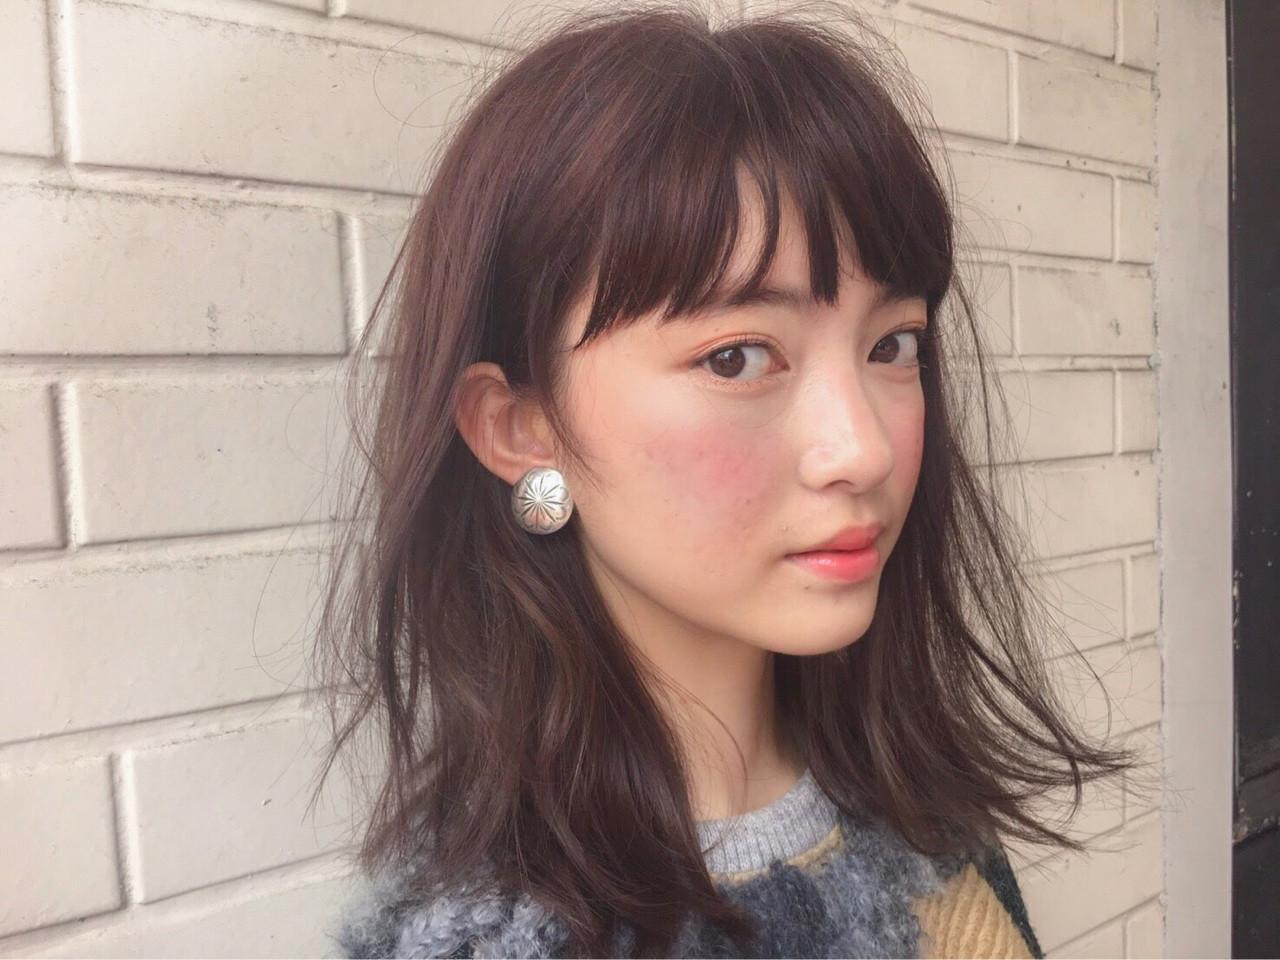 パーマ インナーカラー ミディアム モード ヘアスタイルや髪型の写真・画像